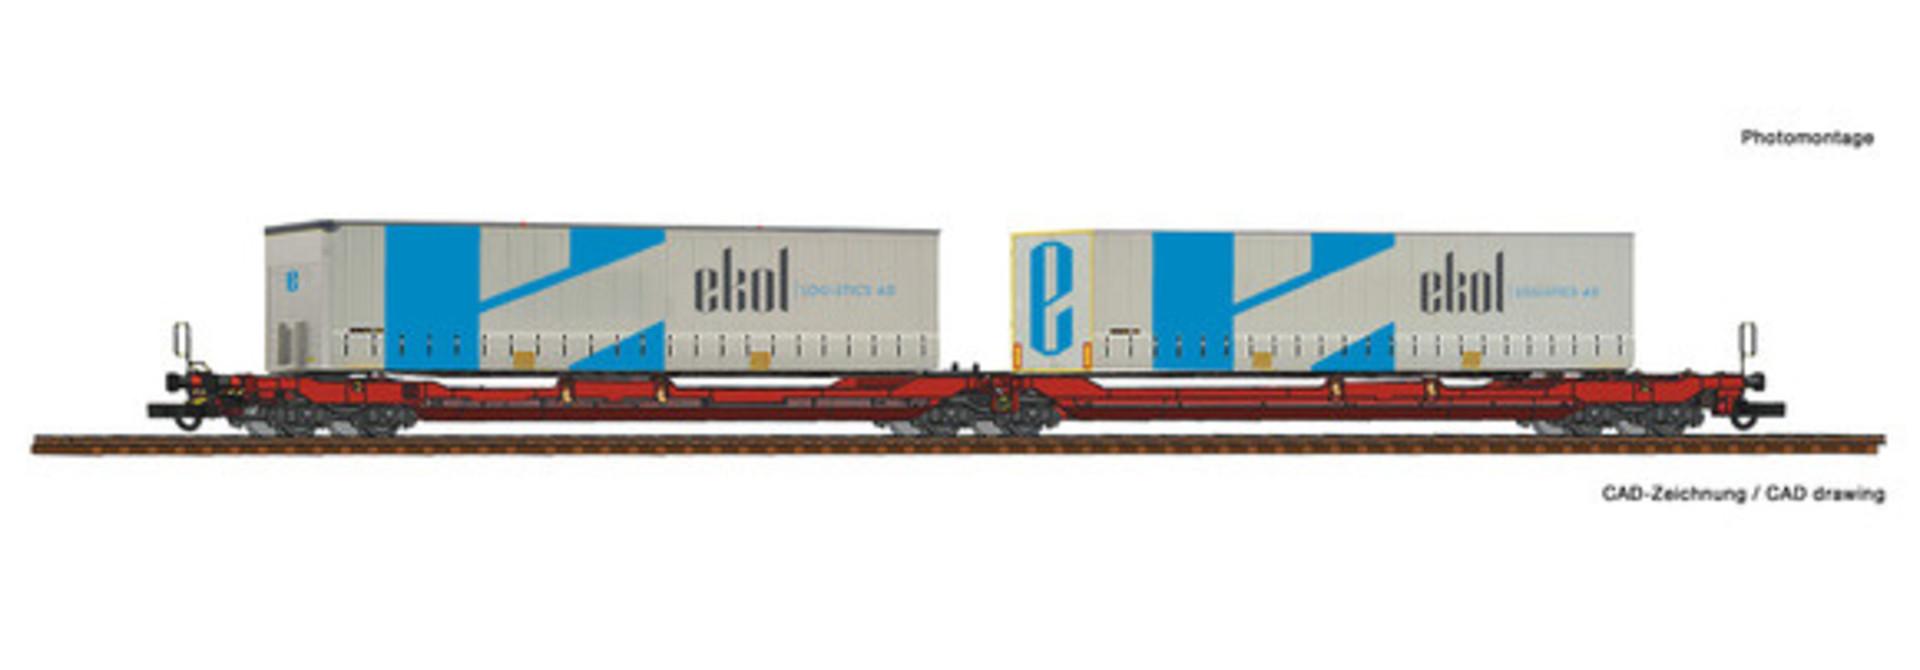 77386 Dubbele containerwagen T3000e + Ekol wissellaadbakken